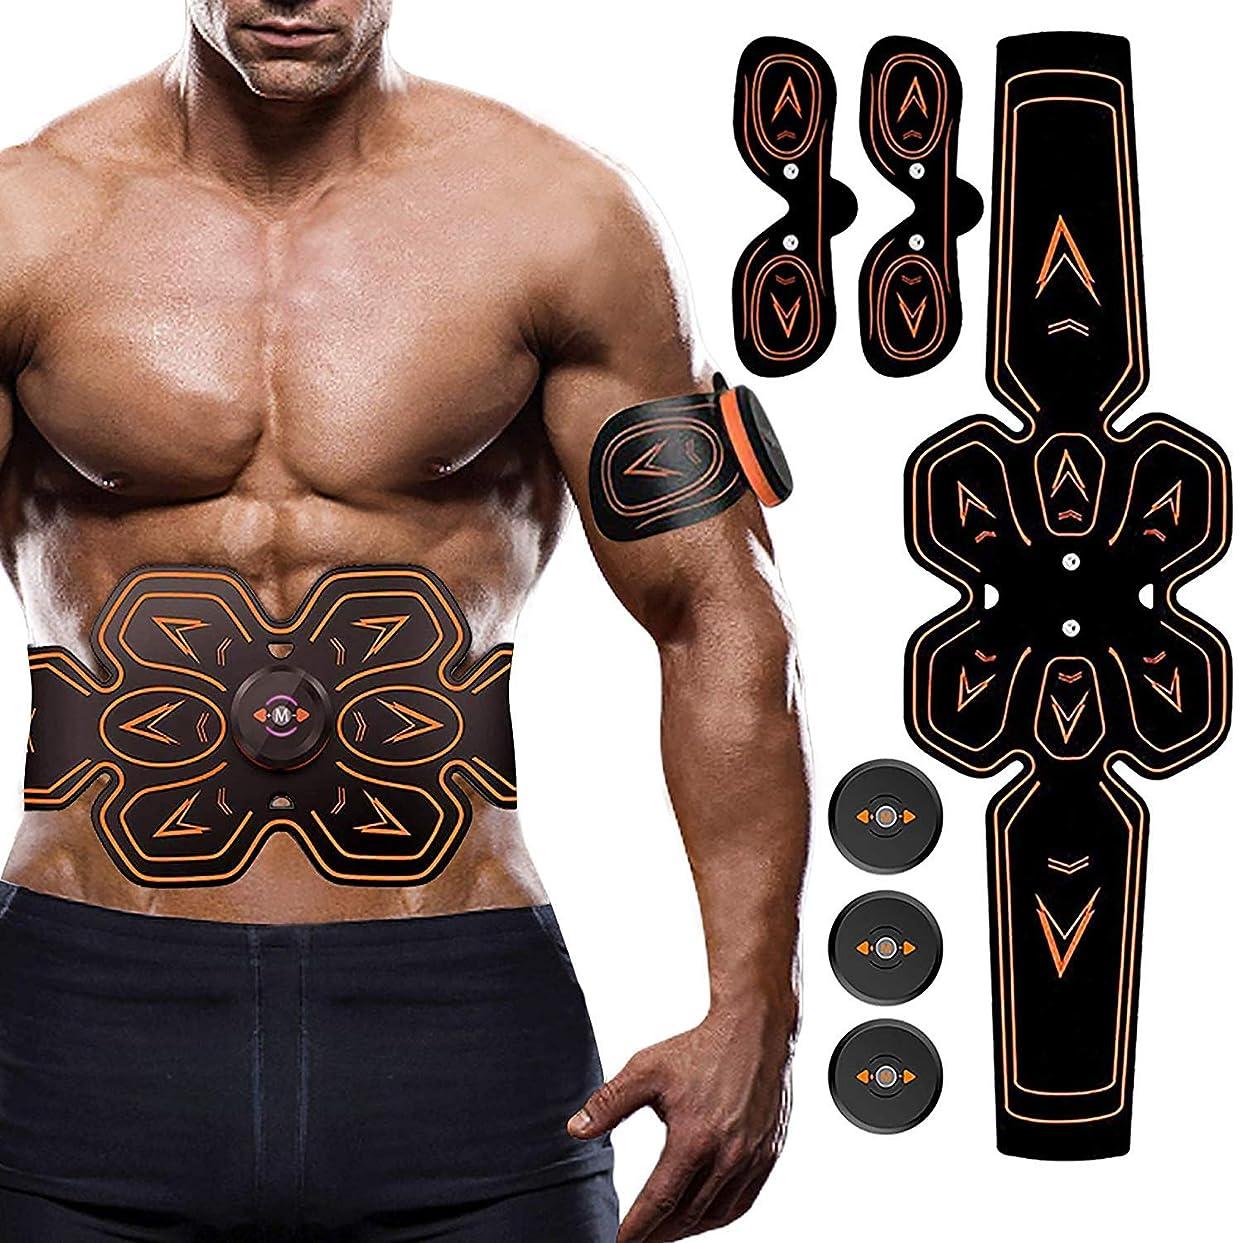 発掘方法論無力電気腹部筋肉刺激装置、ABSウエストトレーナーフィットネス減量体重減少マッサージャー用男性と女性の脂肪燃焼